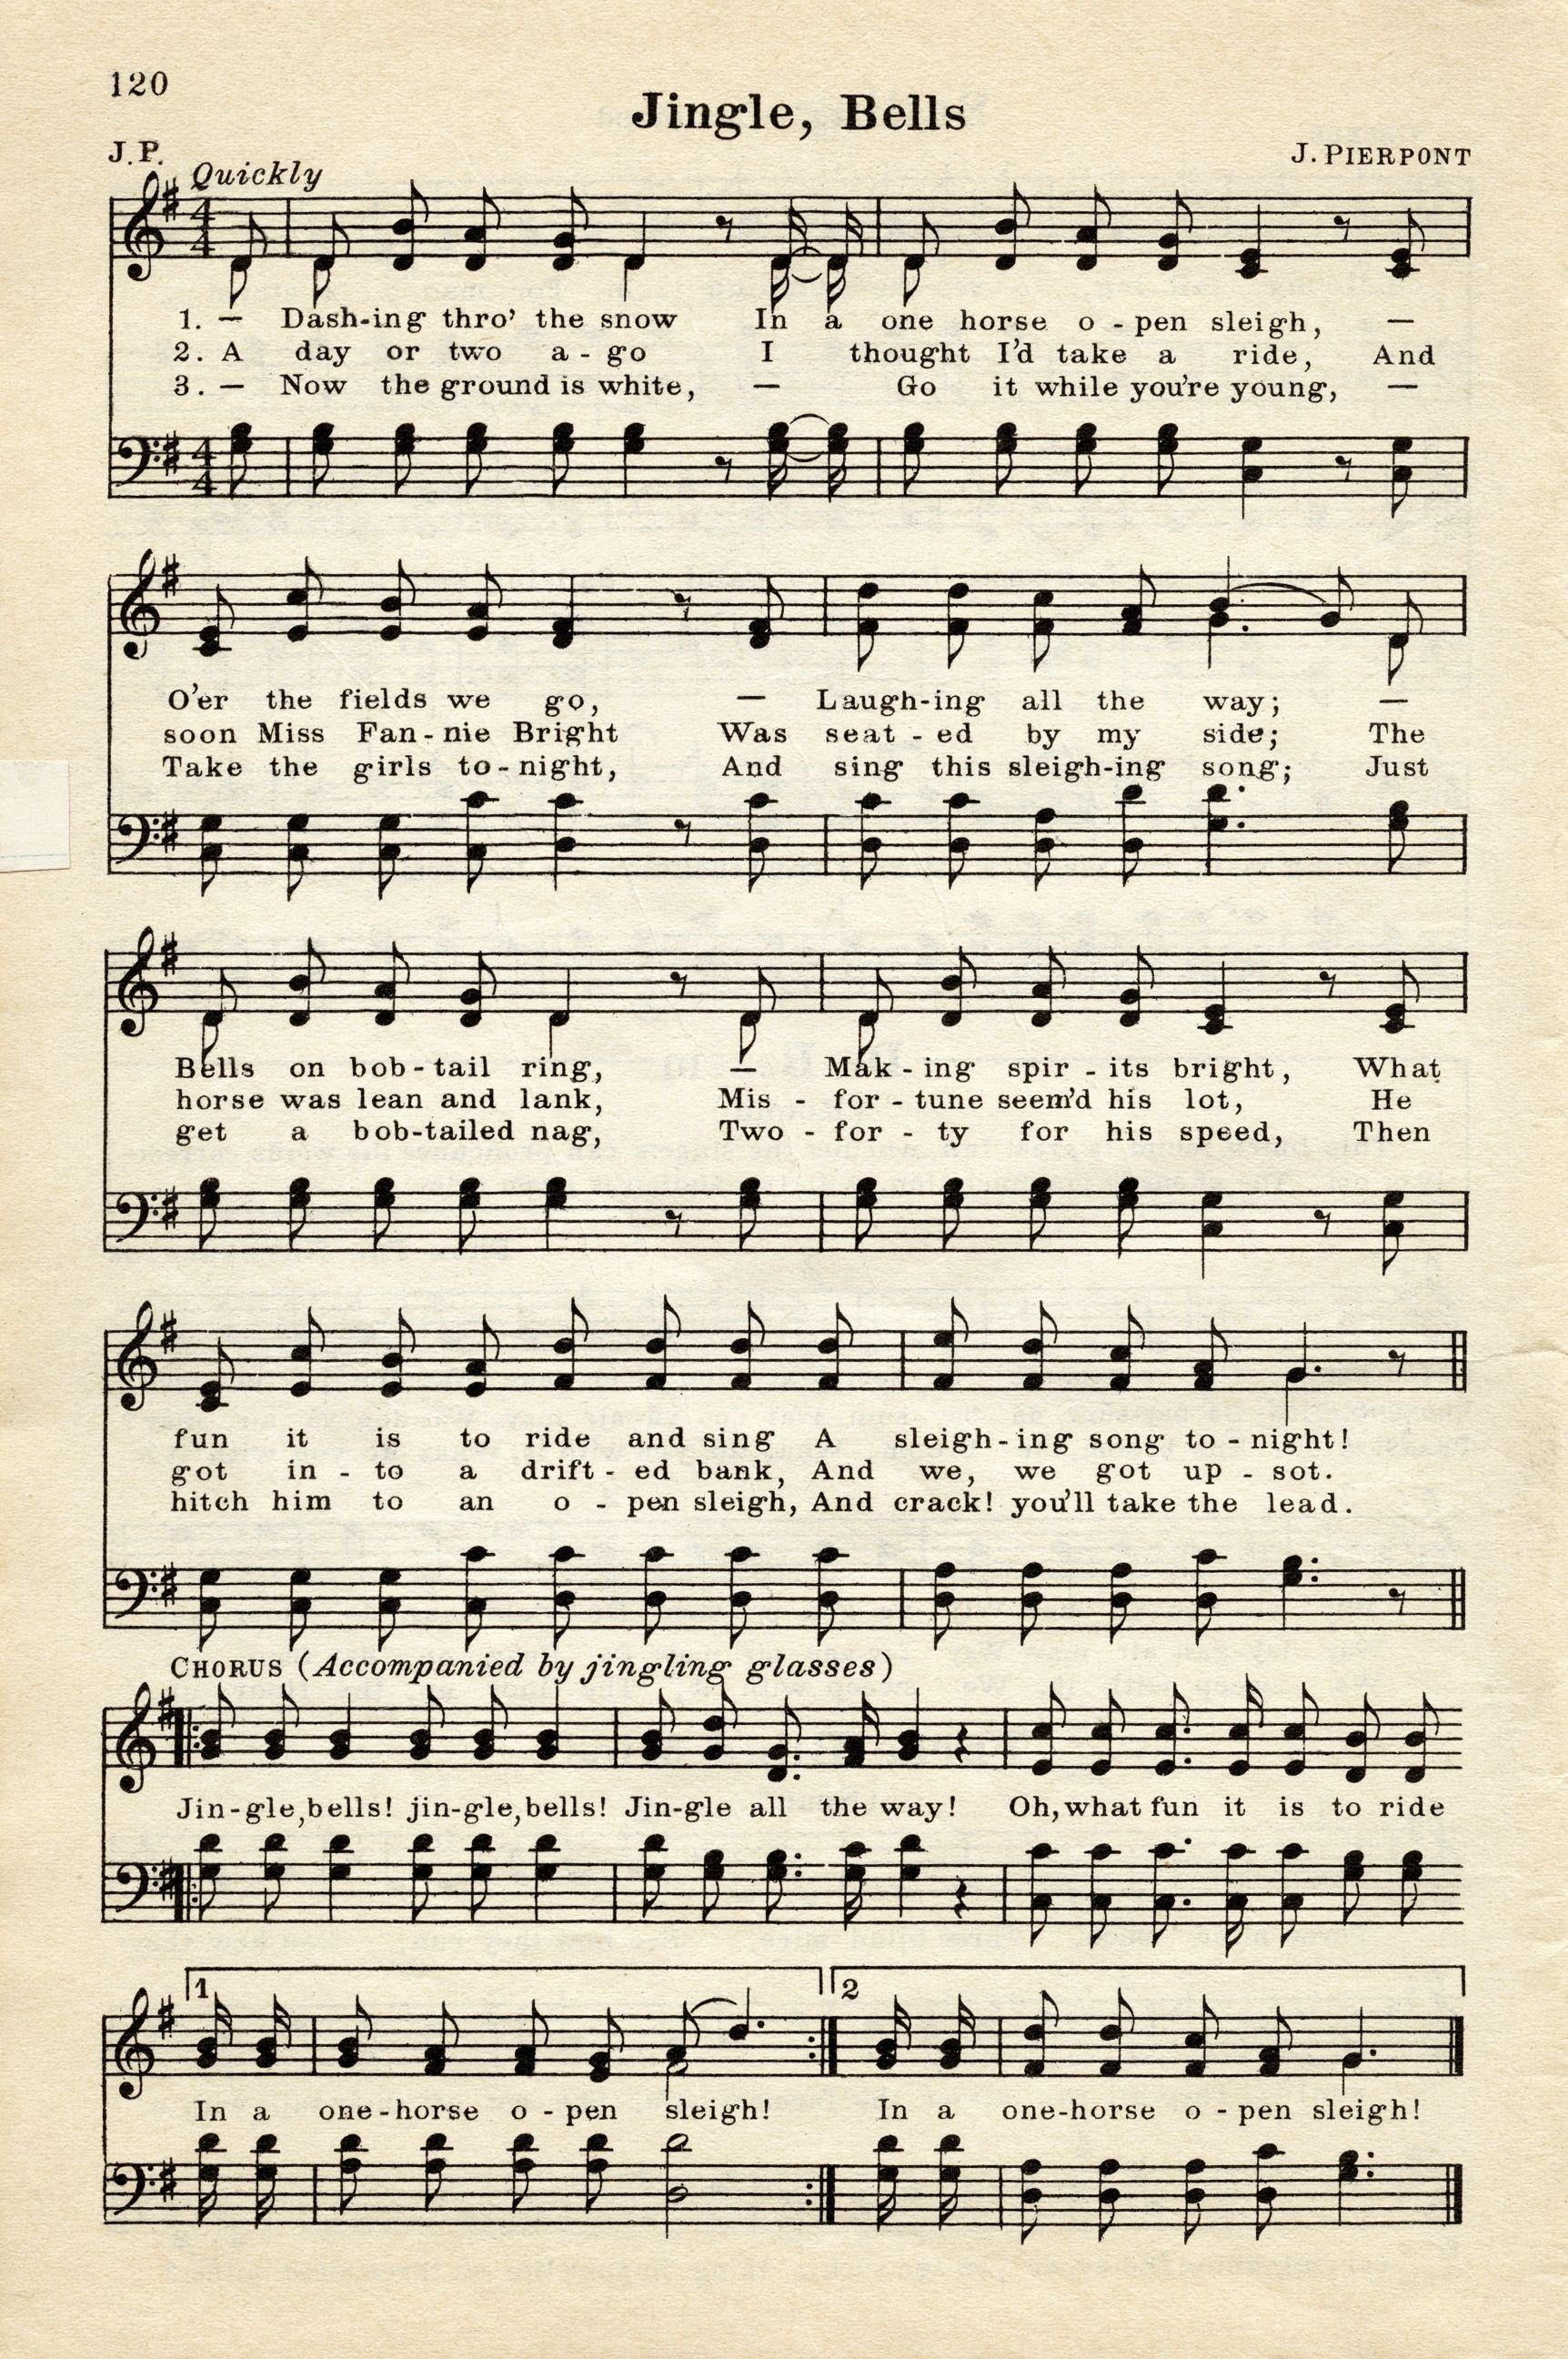 Old Design Shop free digital image vintage sheet music